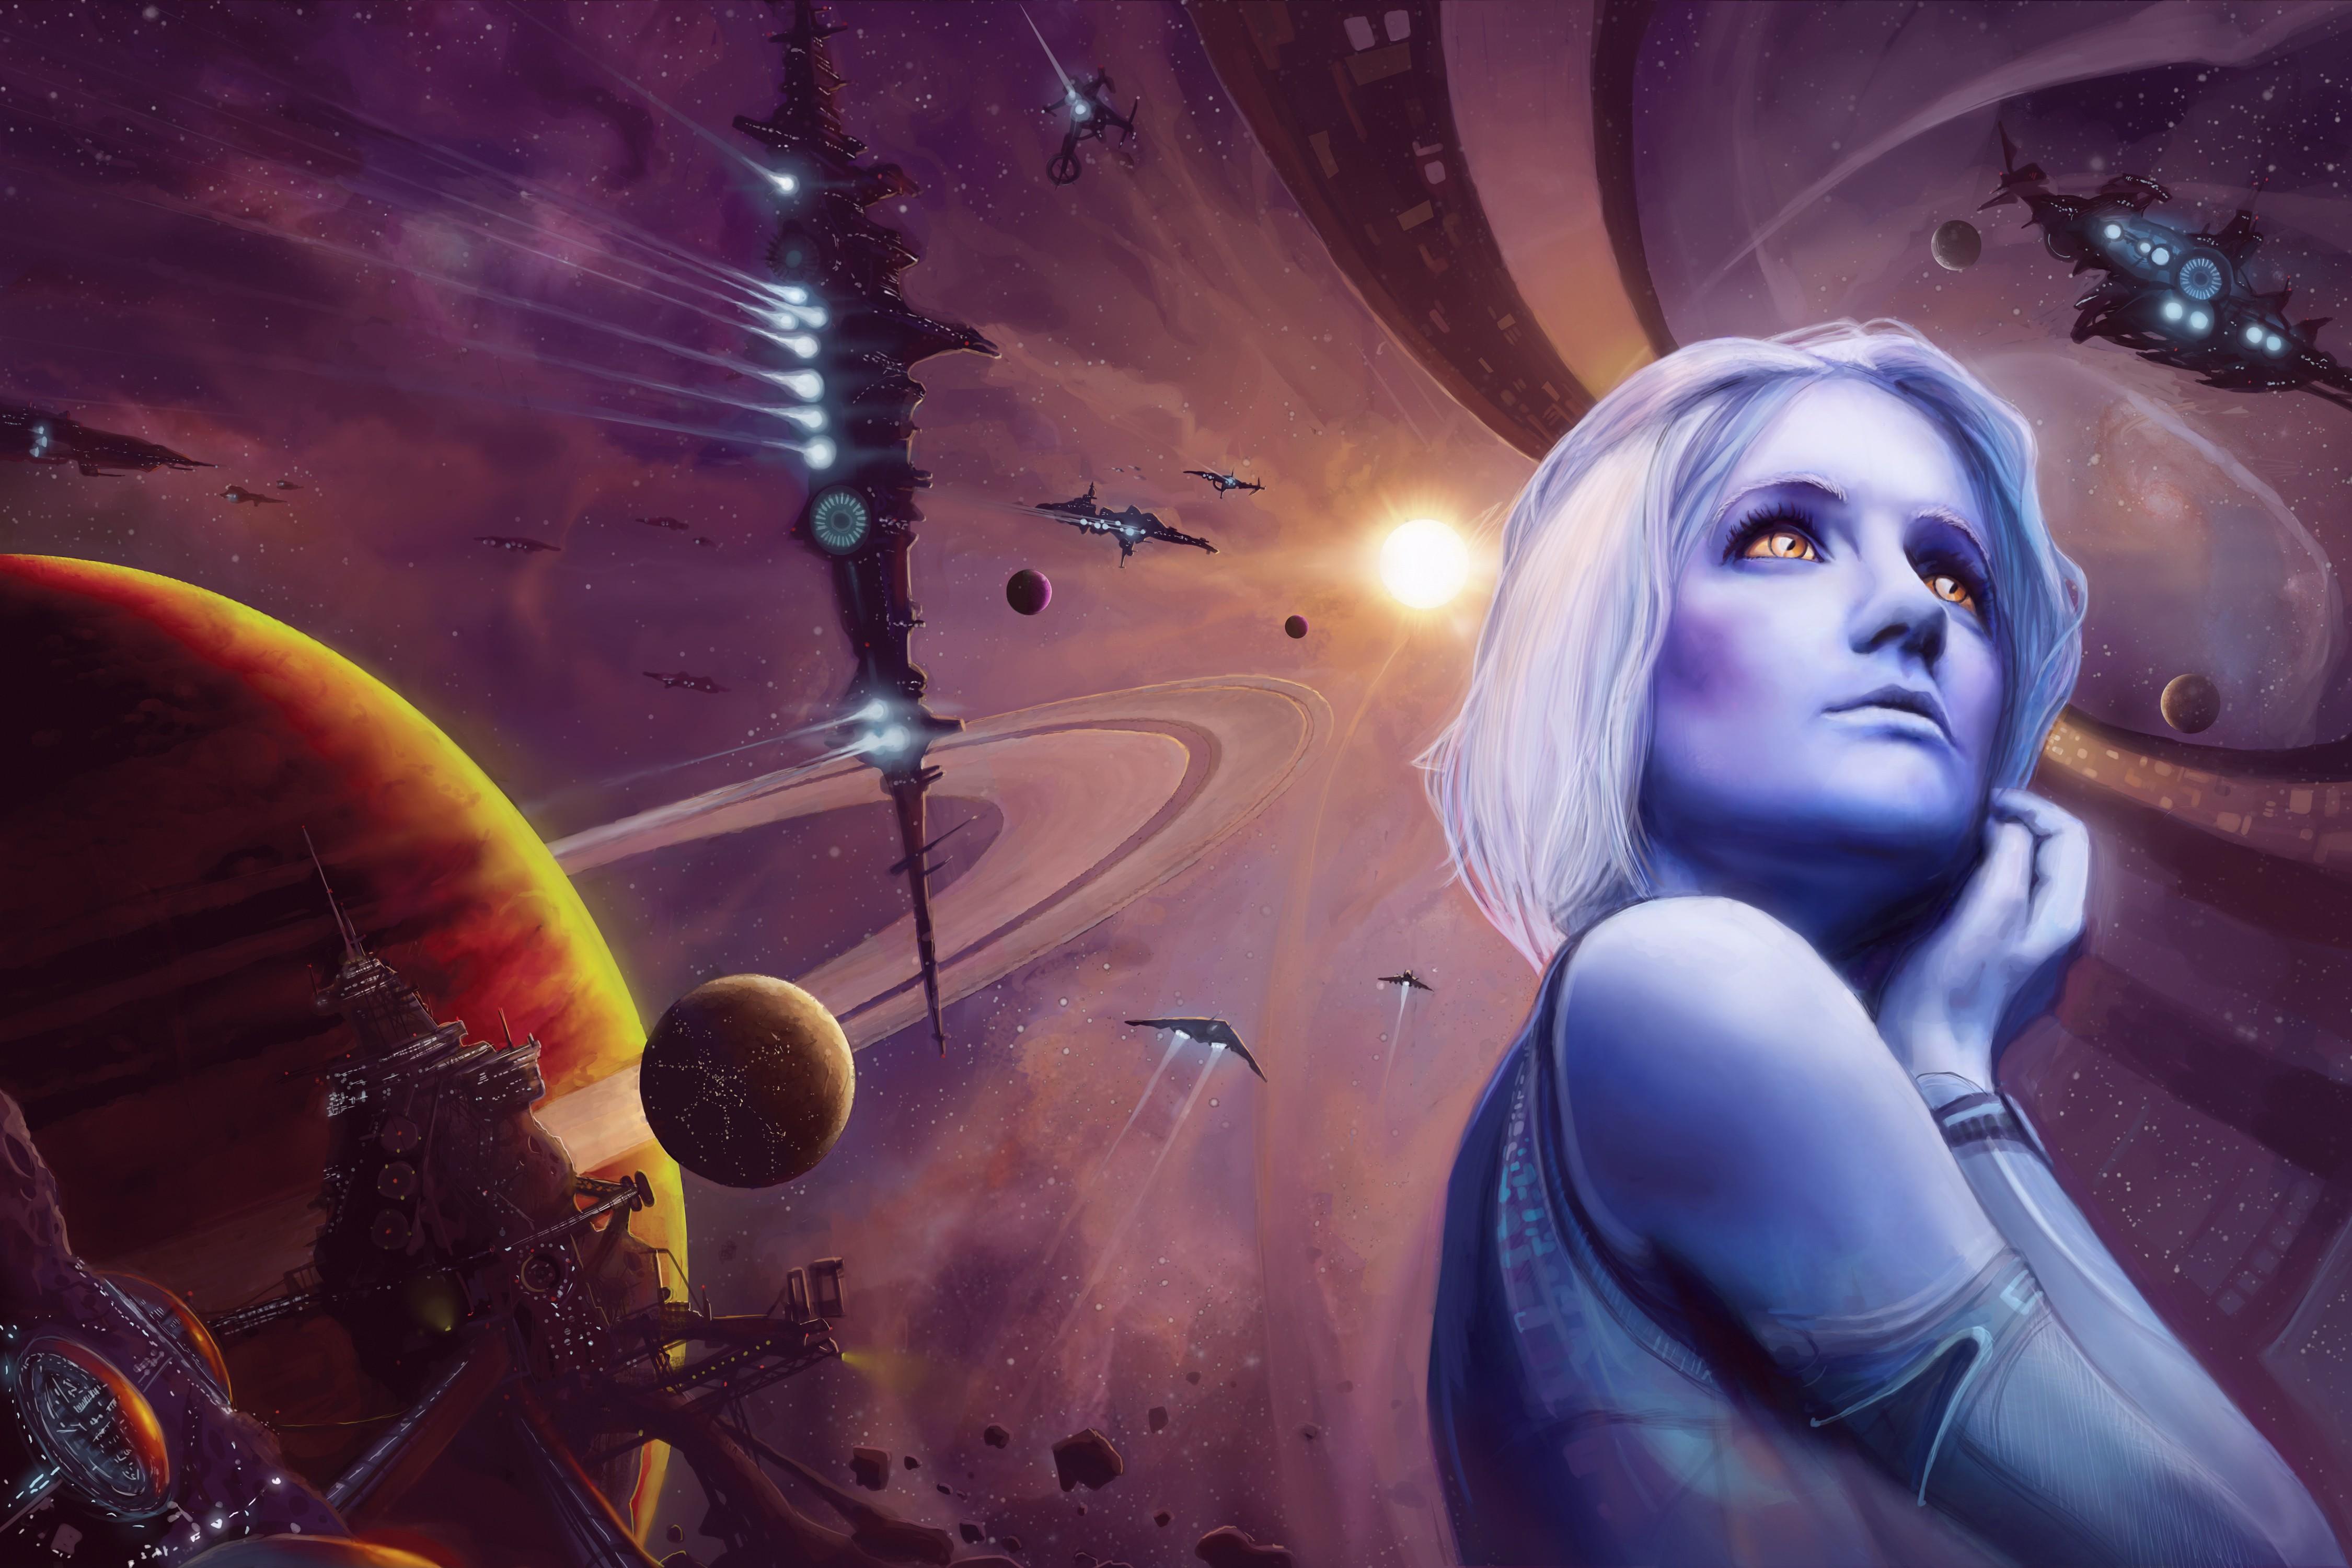 рисунки фото фантастика космос этой статье